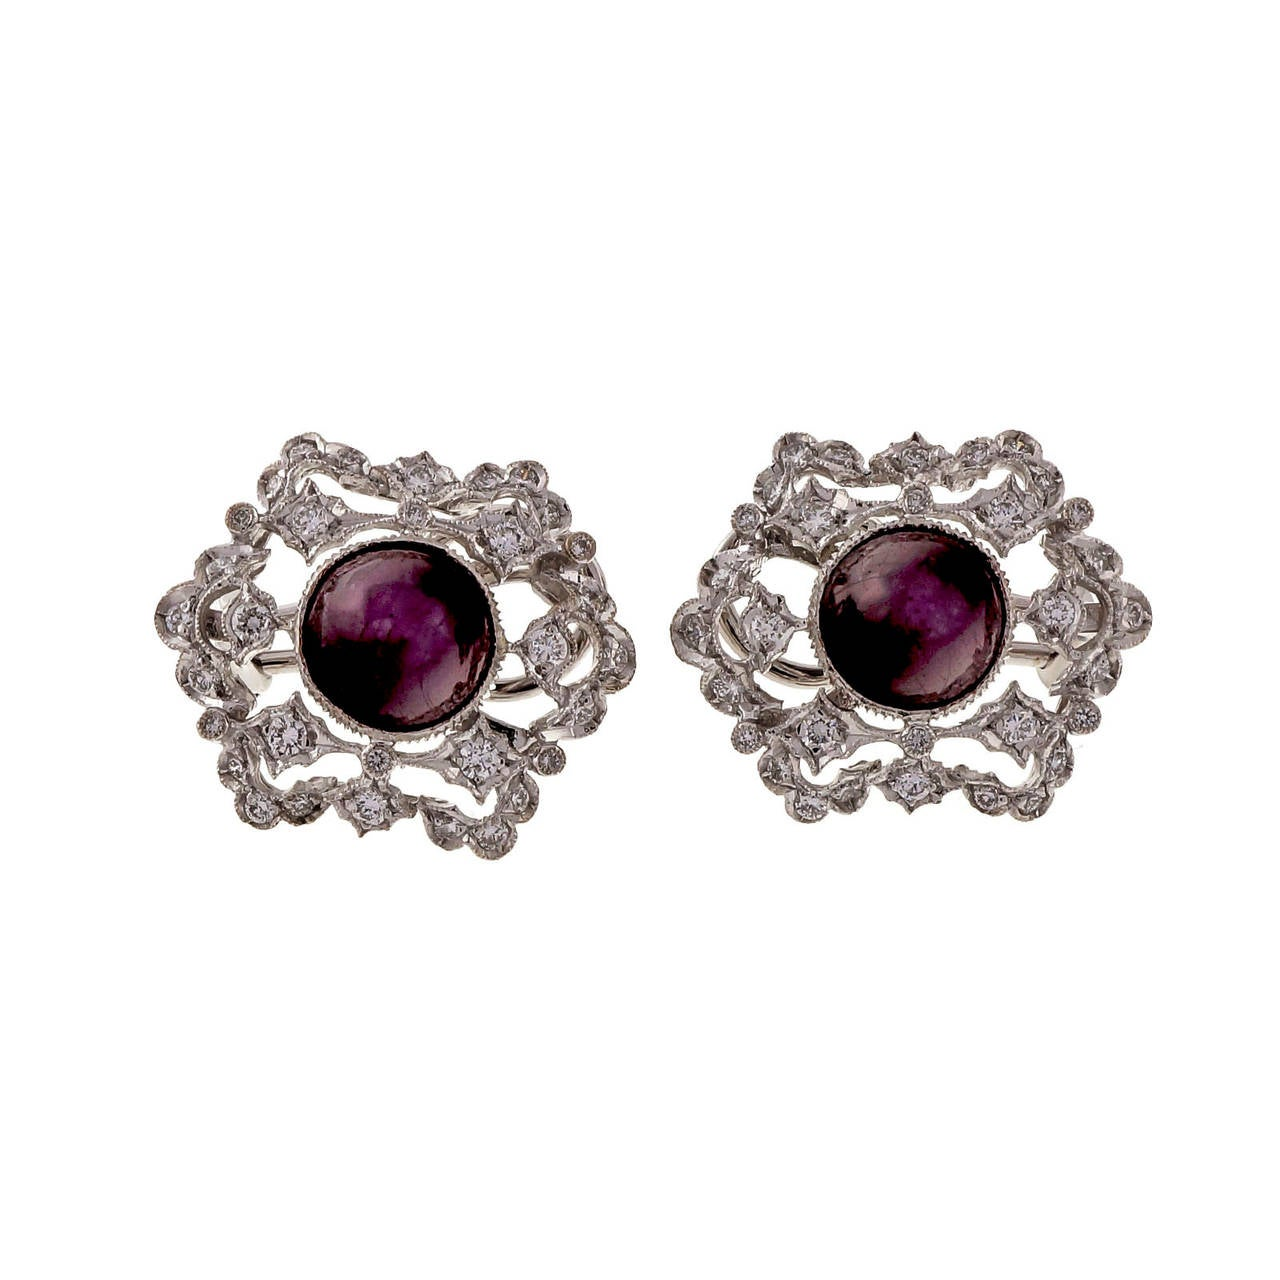 Natural GIA Cert Star Ruby Diamond White Gold Earrings 5